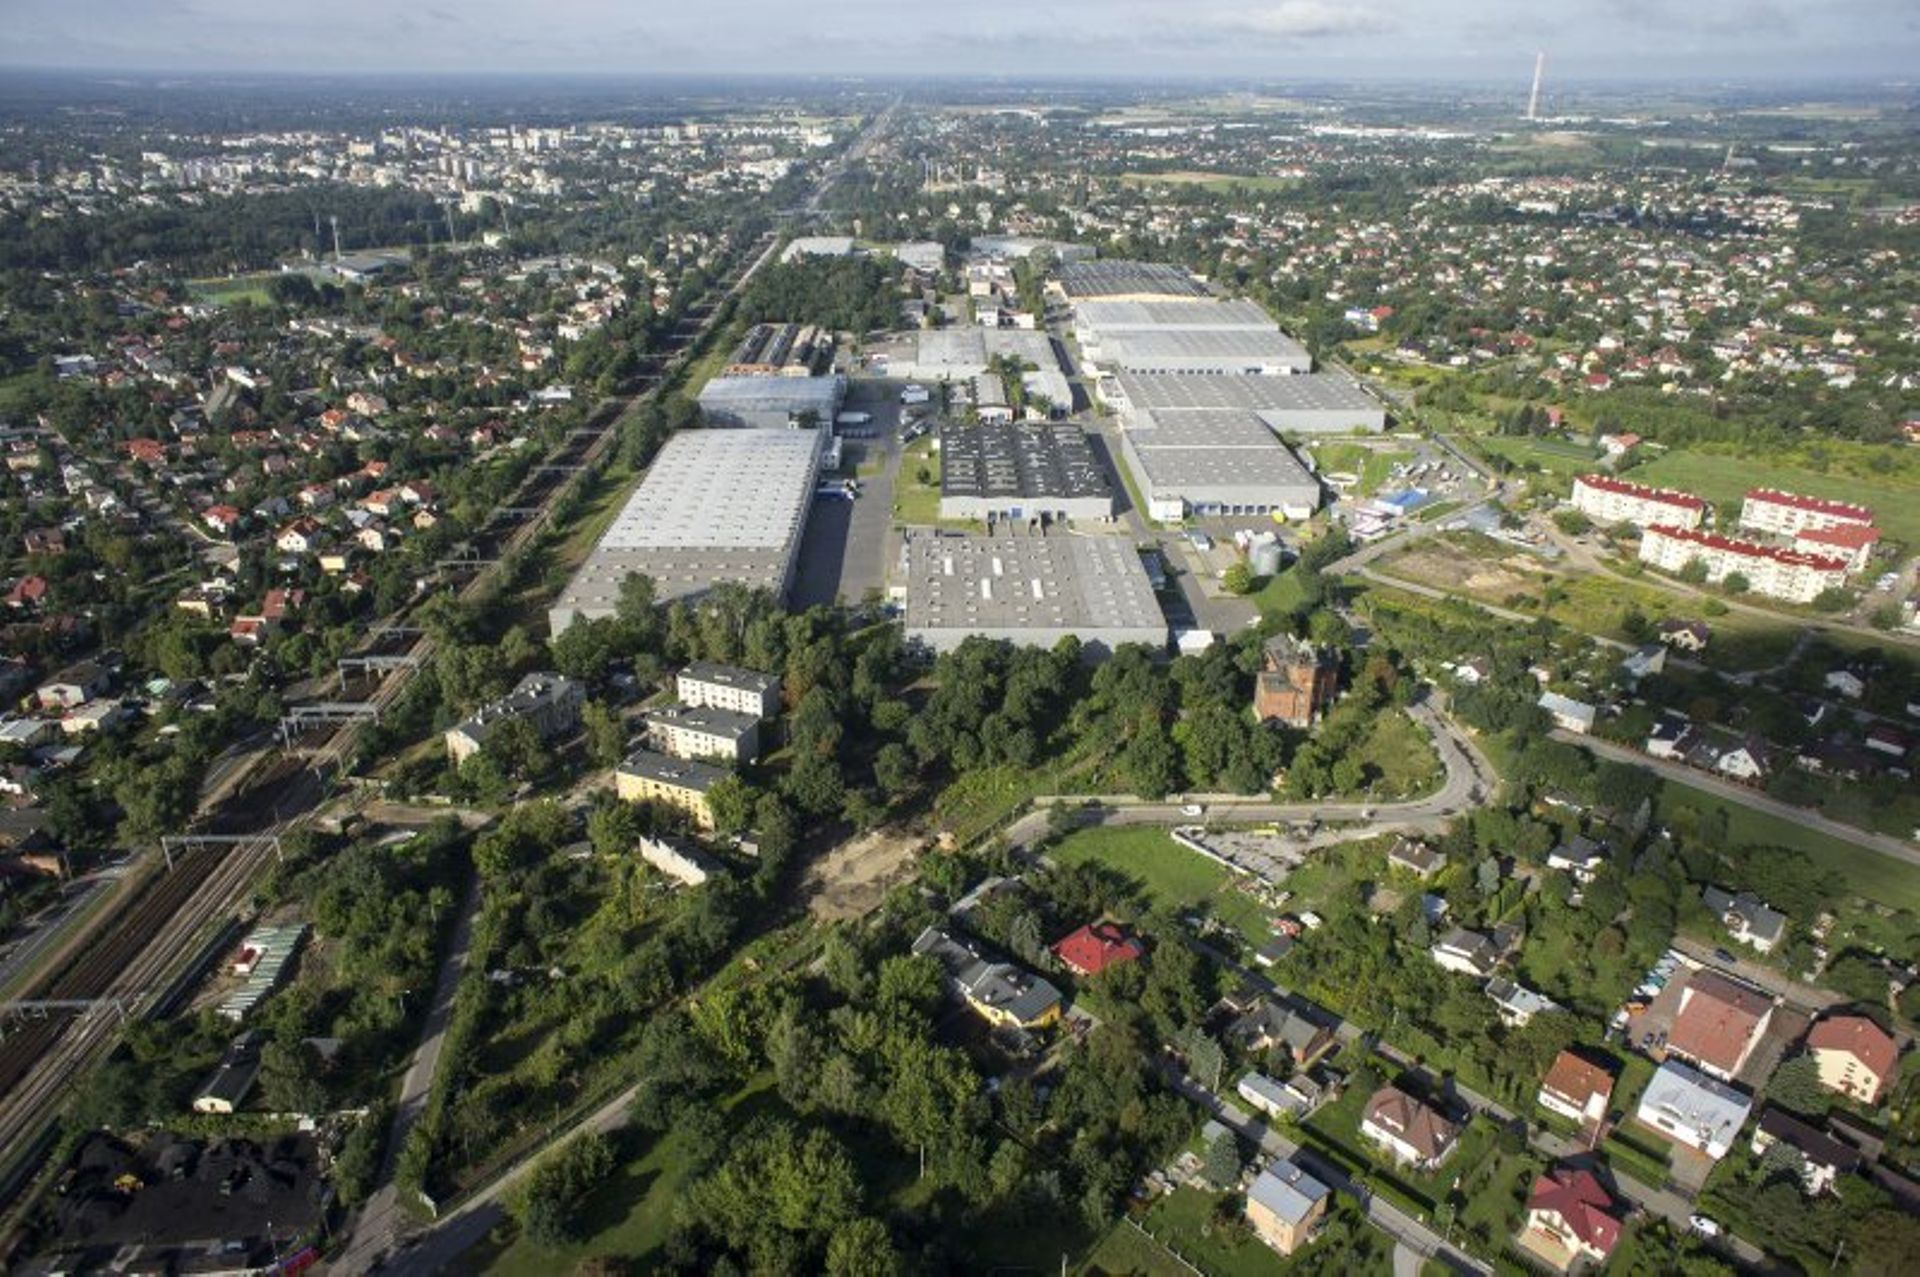 [Polska] Nieruchomości magazynowe i przemysłowe w Polsce to bezpieczna przystań dla globalnego kapitału inwestycyjnego